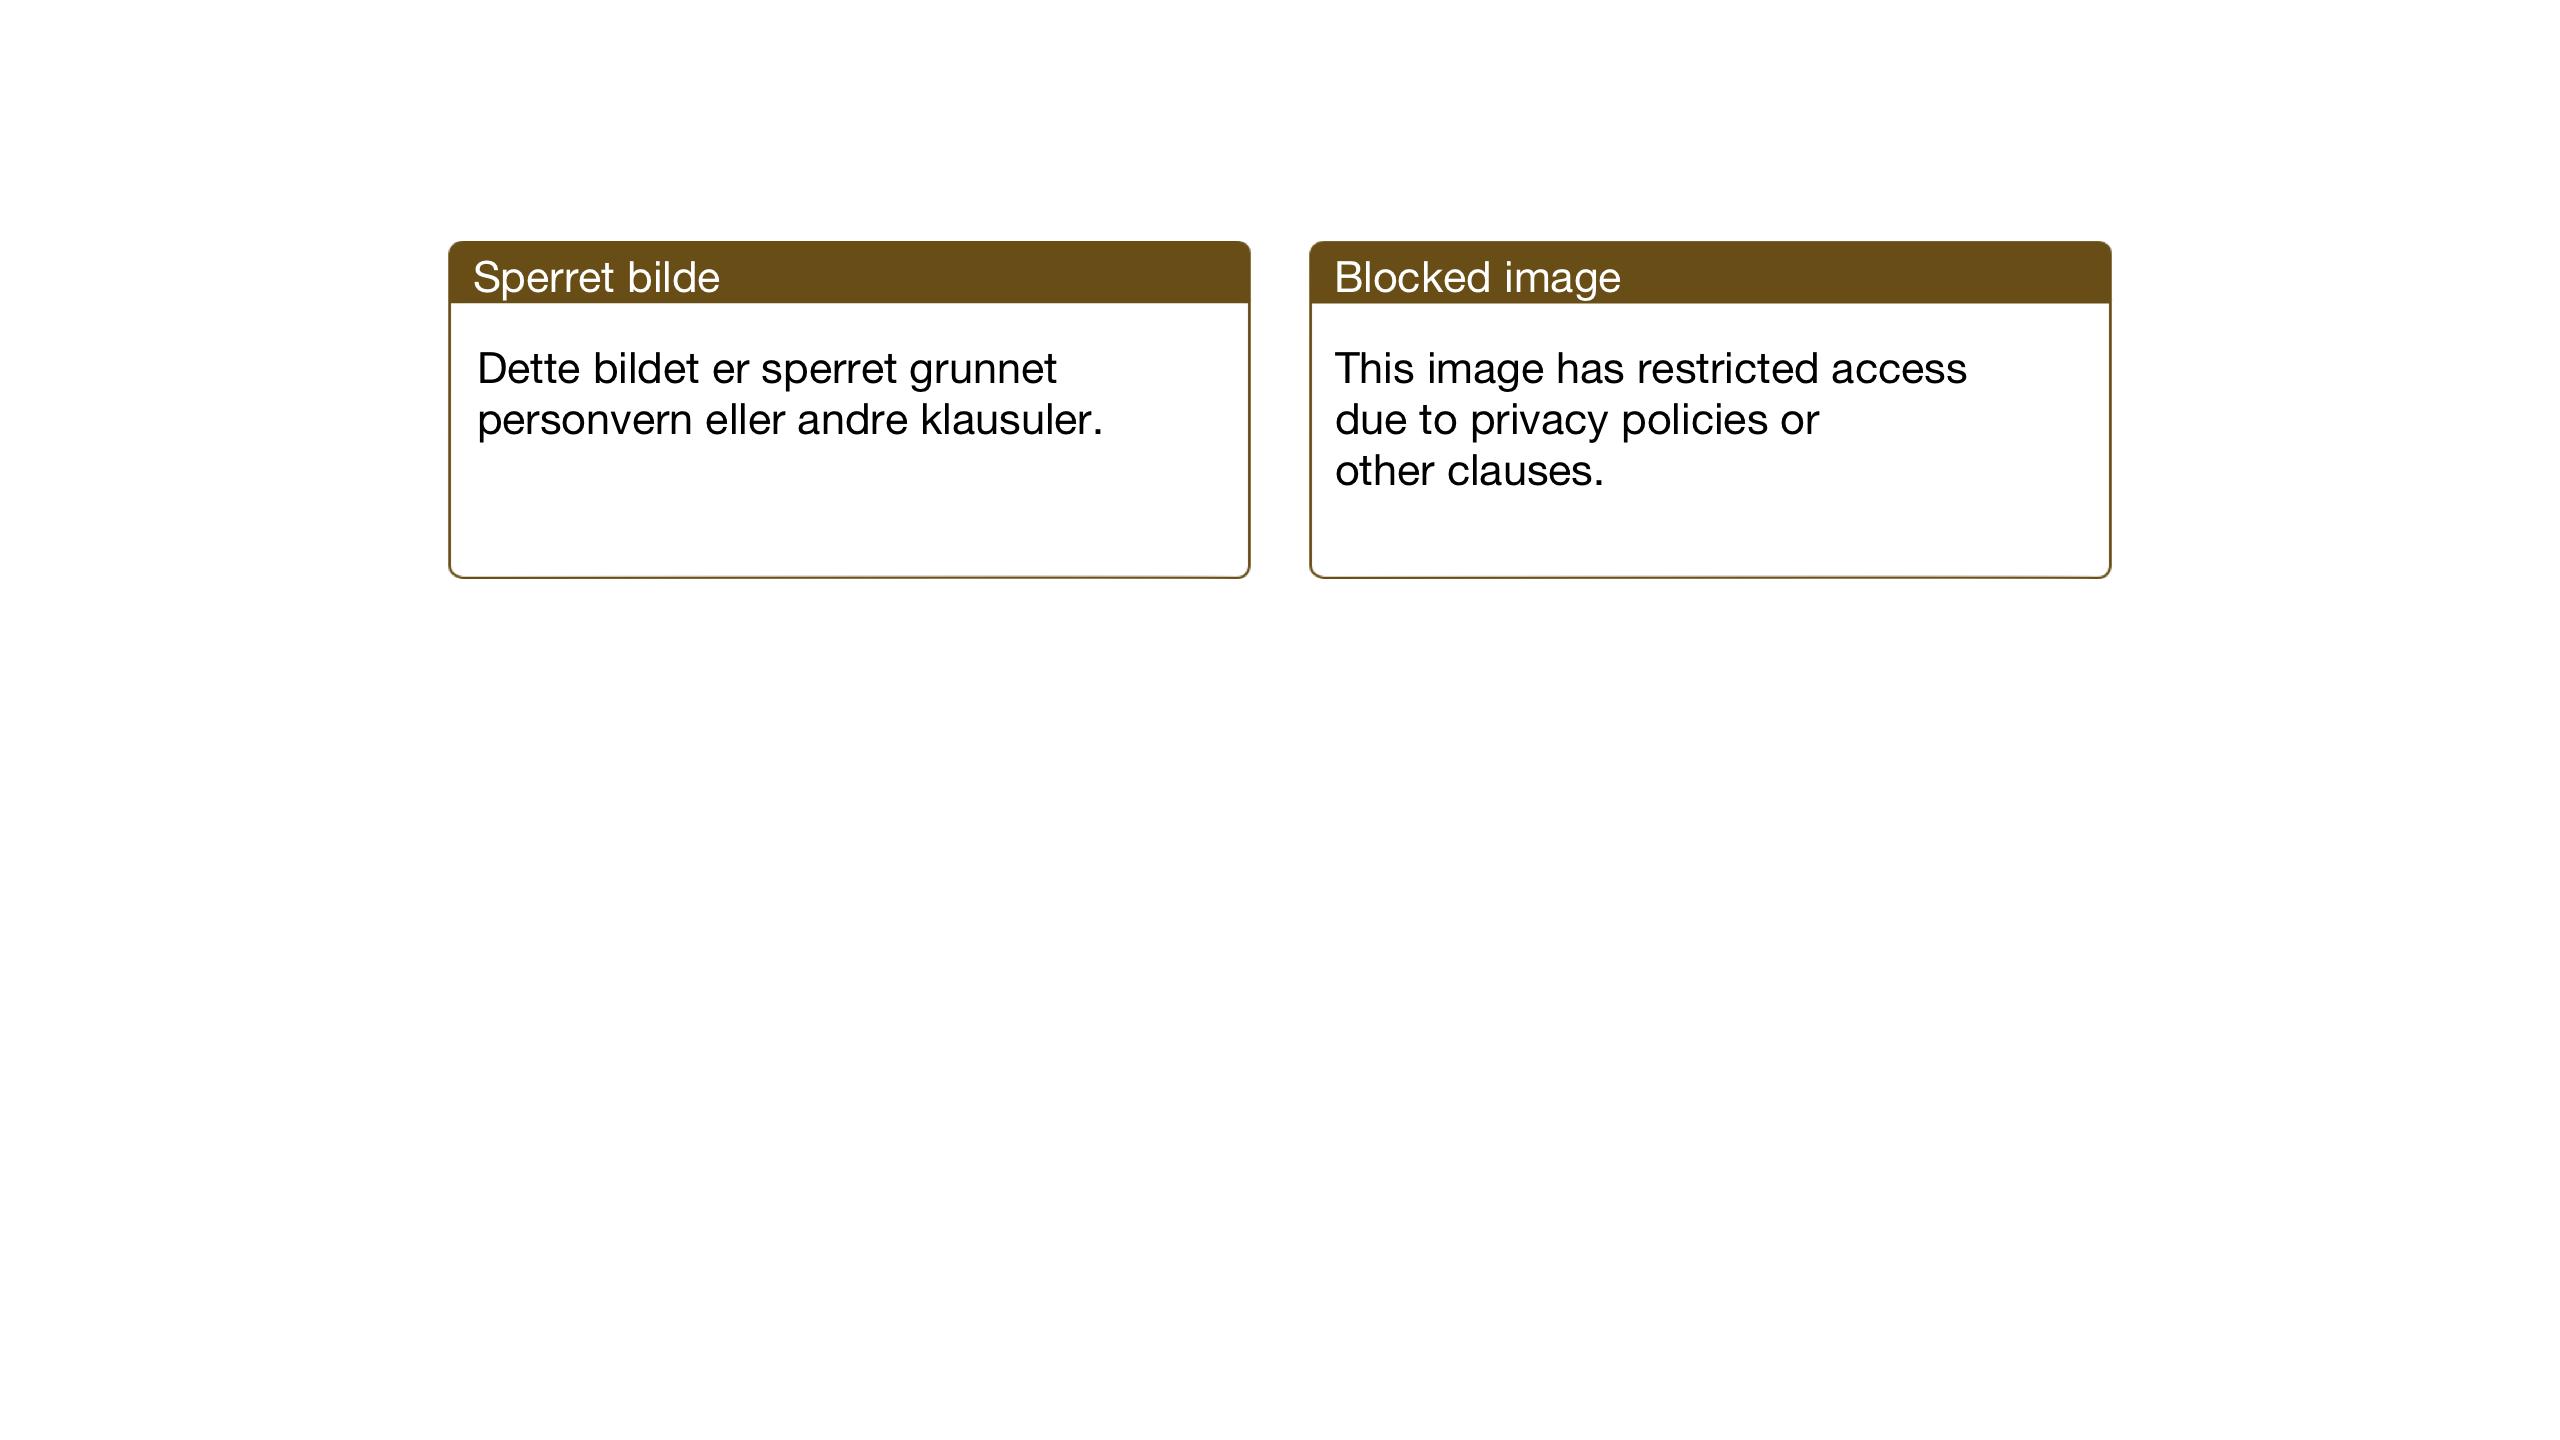 SAT, Ministerialprotokoller, klokkerbøker og fødselsregistre - Sør-Trøndelag, 686/L0986: Klokkerbok nr. 686C02, 1933-1950, s. 11